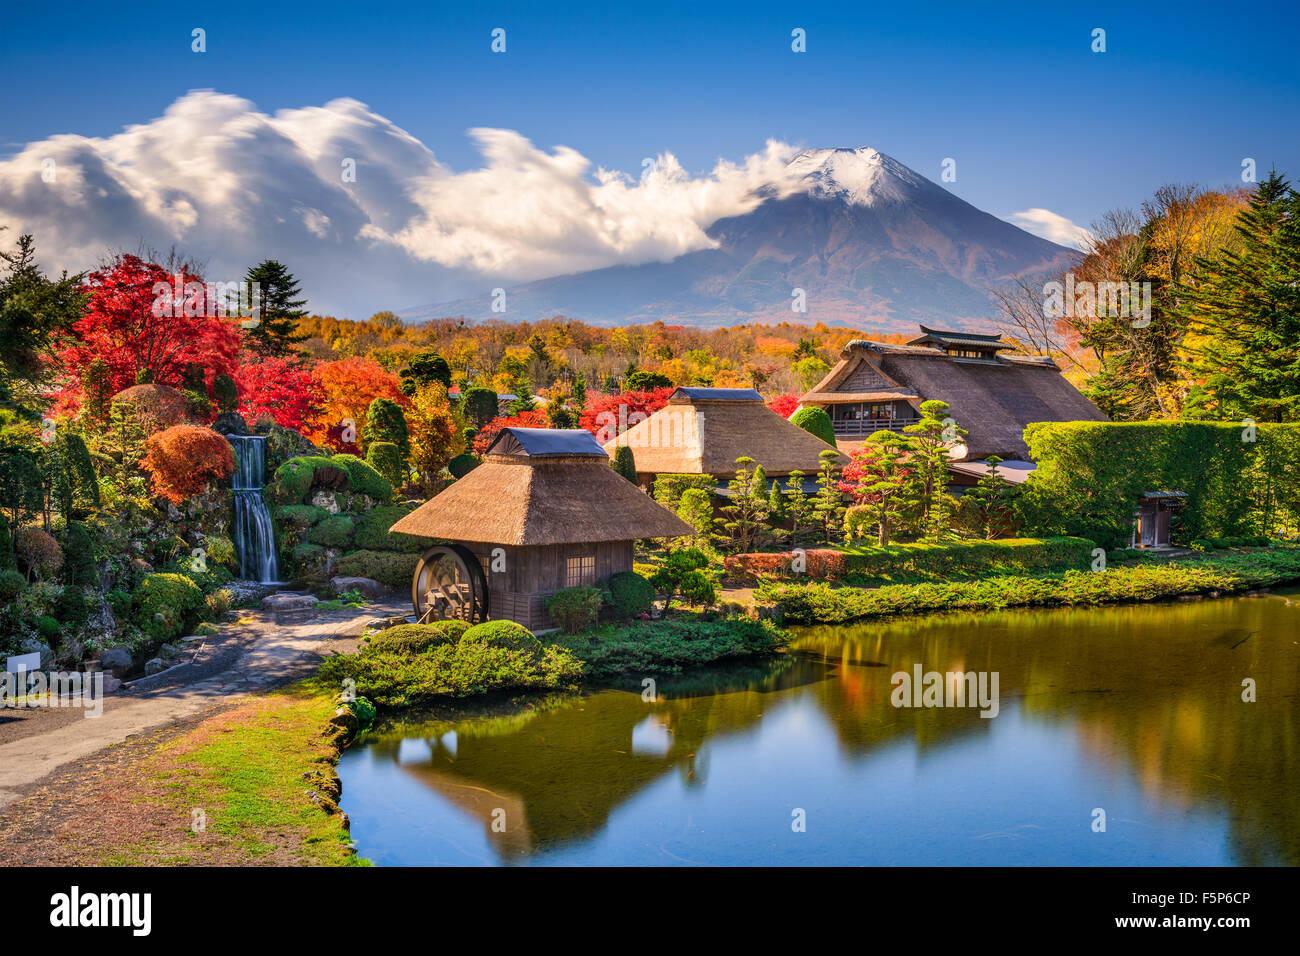 Oshino, Japon maisons de chaume historique avec Mt. Fuji dans l'arrière-plan. Photo Stock